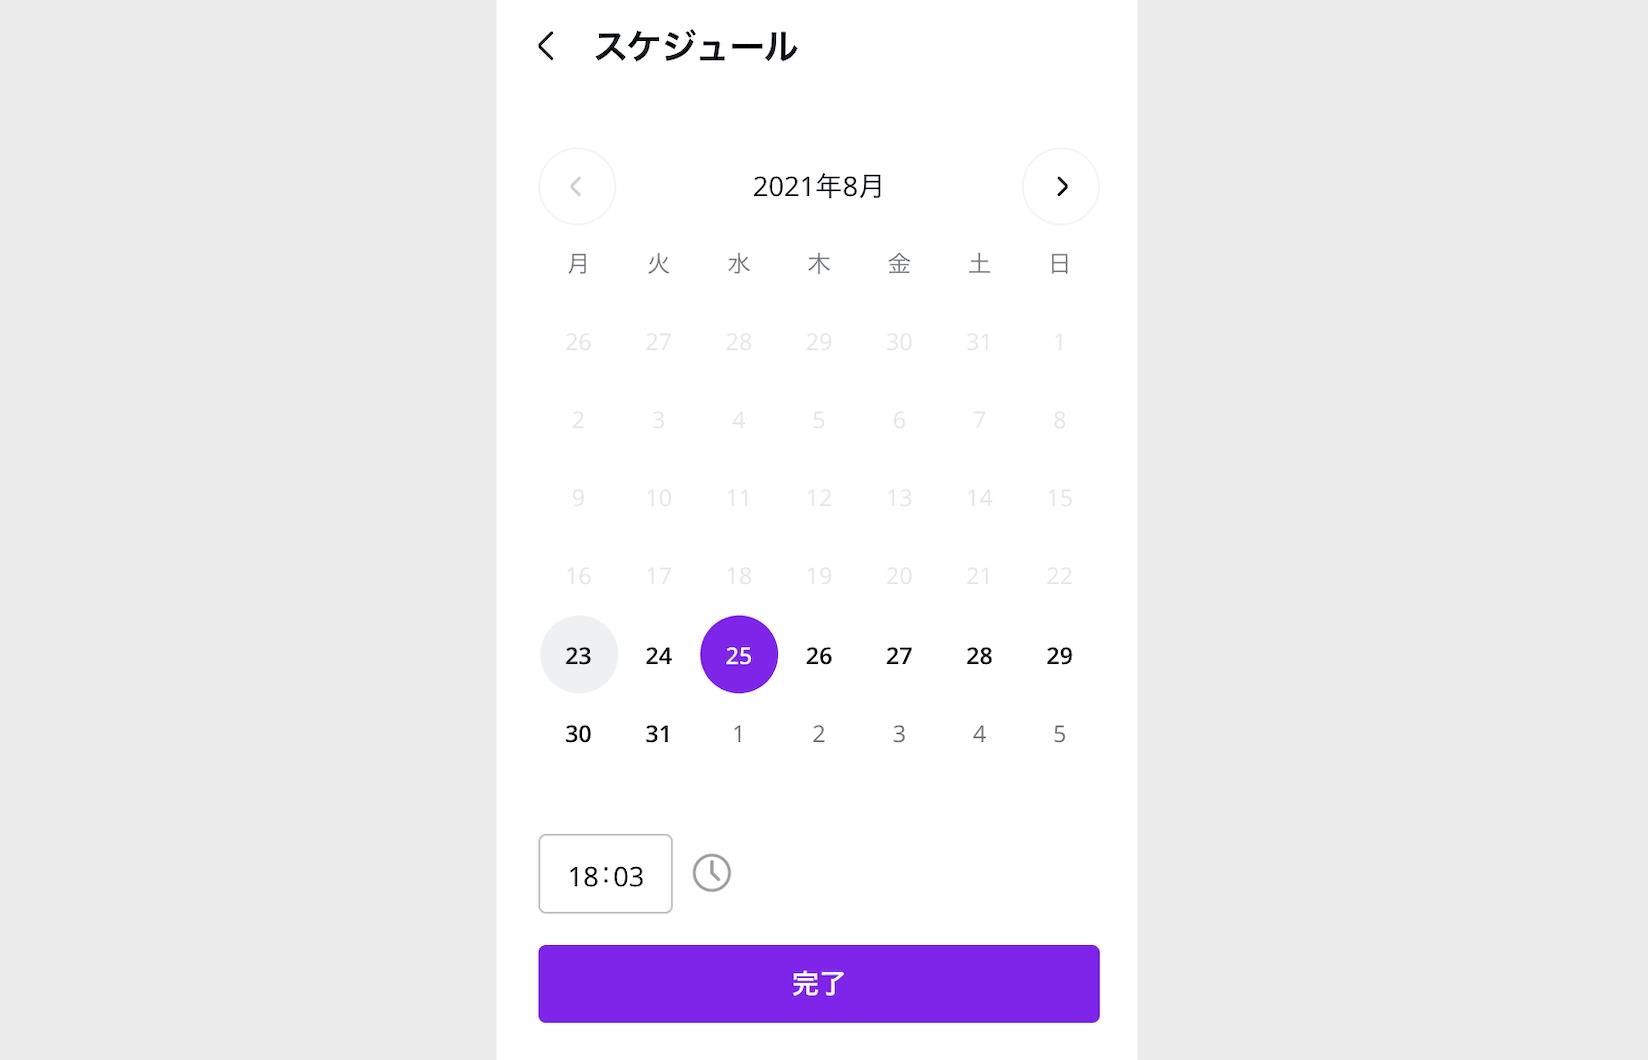 コンテンツプランナーでの投稿日時を編集